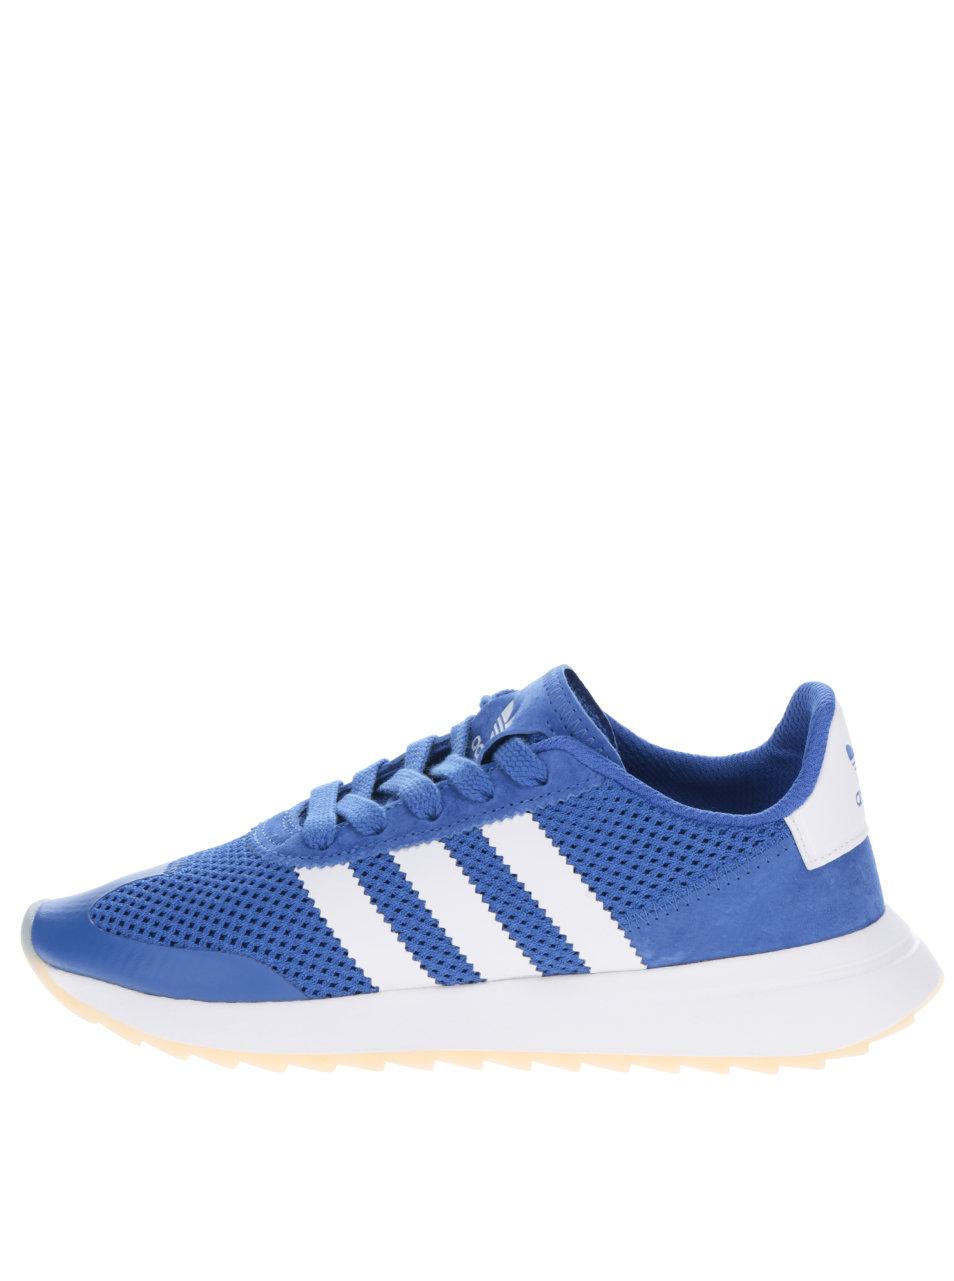 Modré dámske tenisky adidas Originals Flashrunner ... 167ac102816